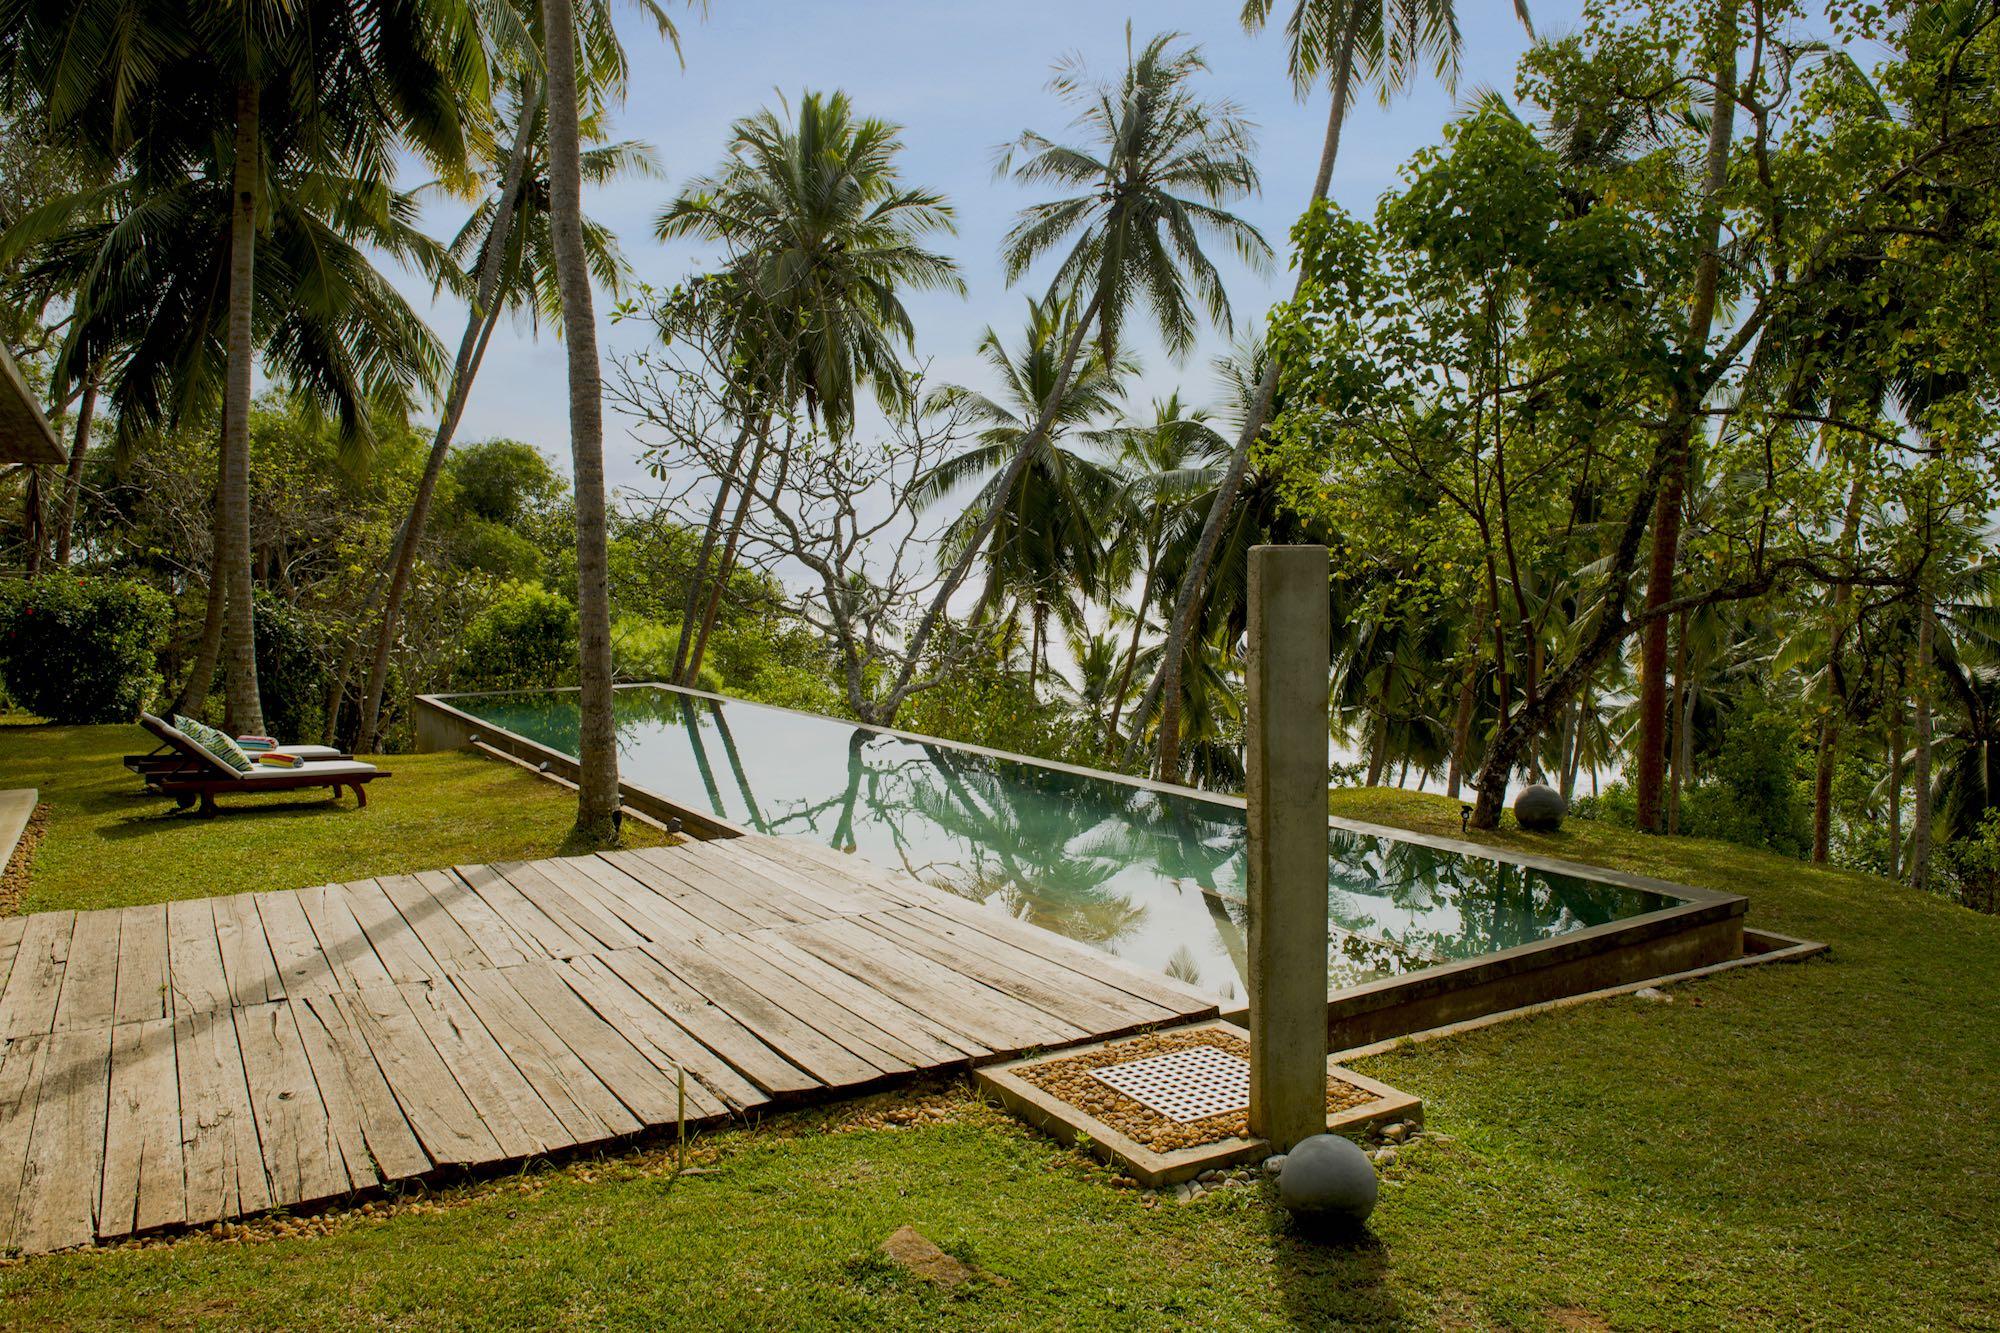 5 Tropical Hideaway Villas in Sri Lanka